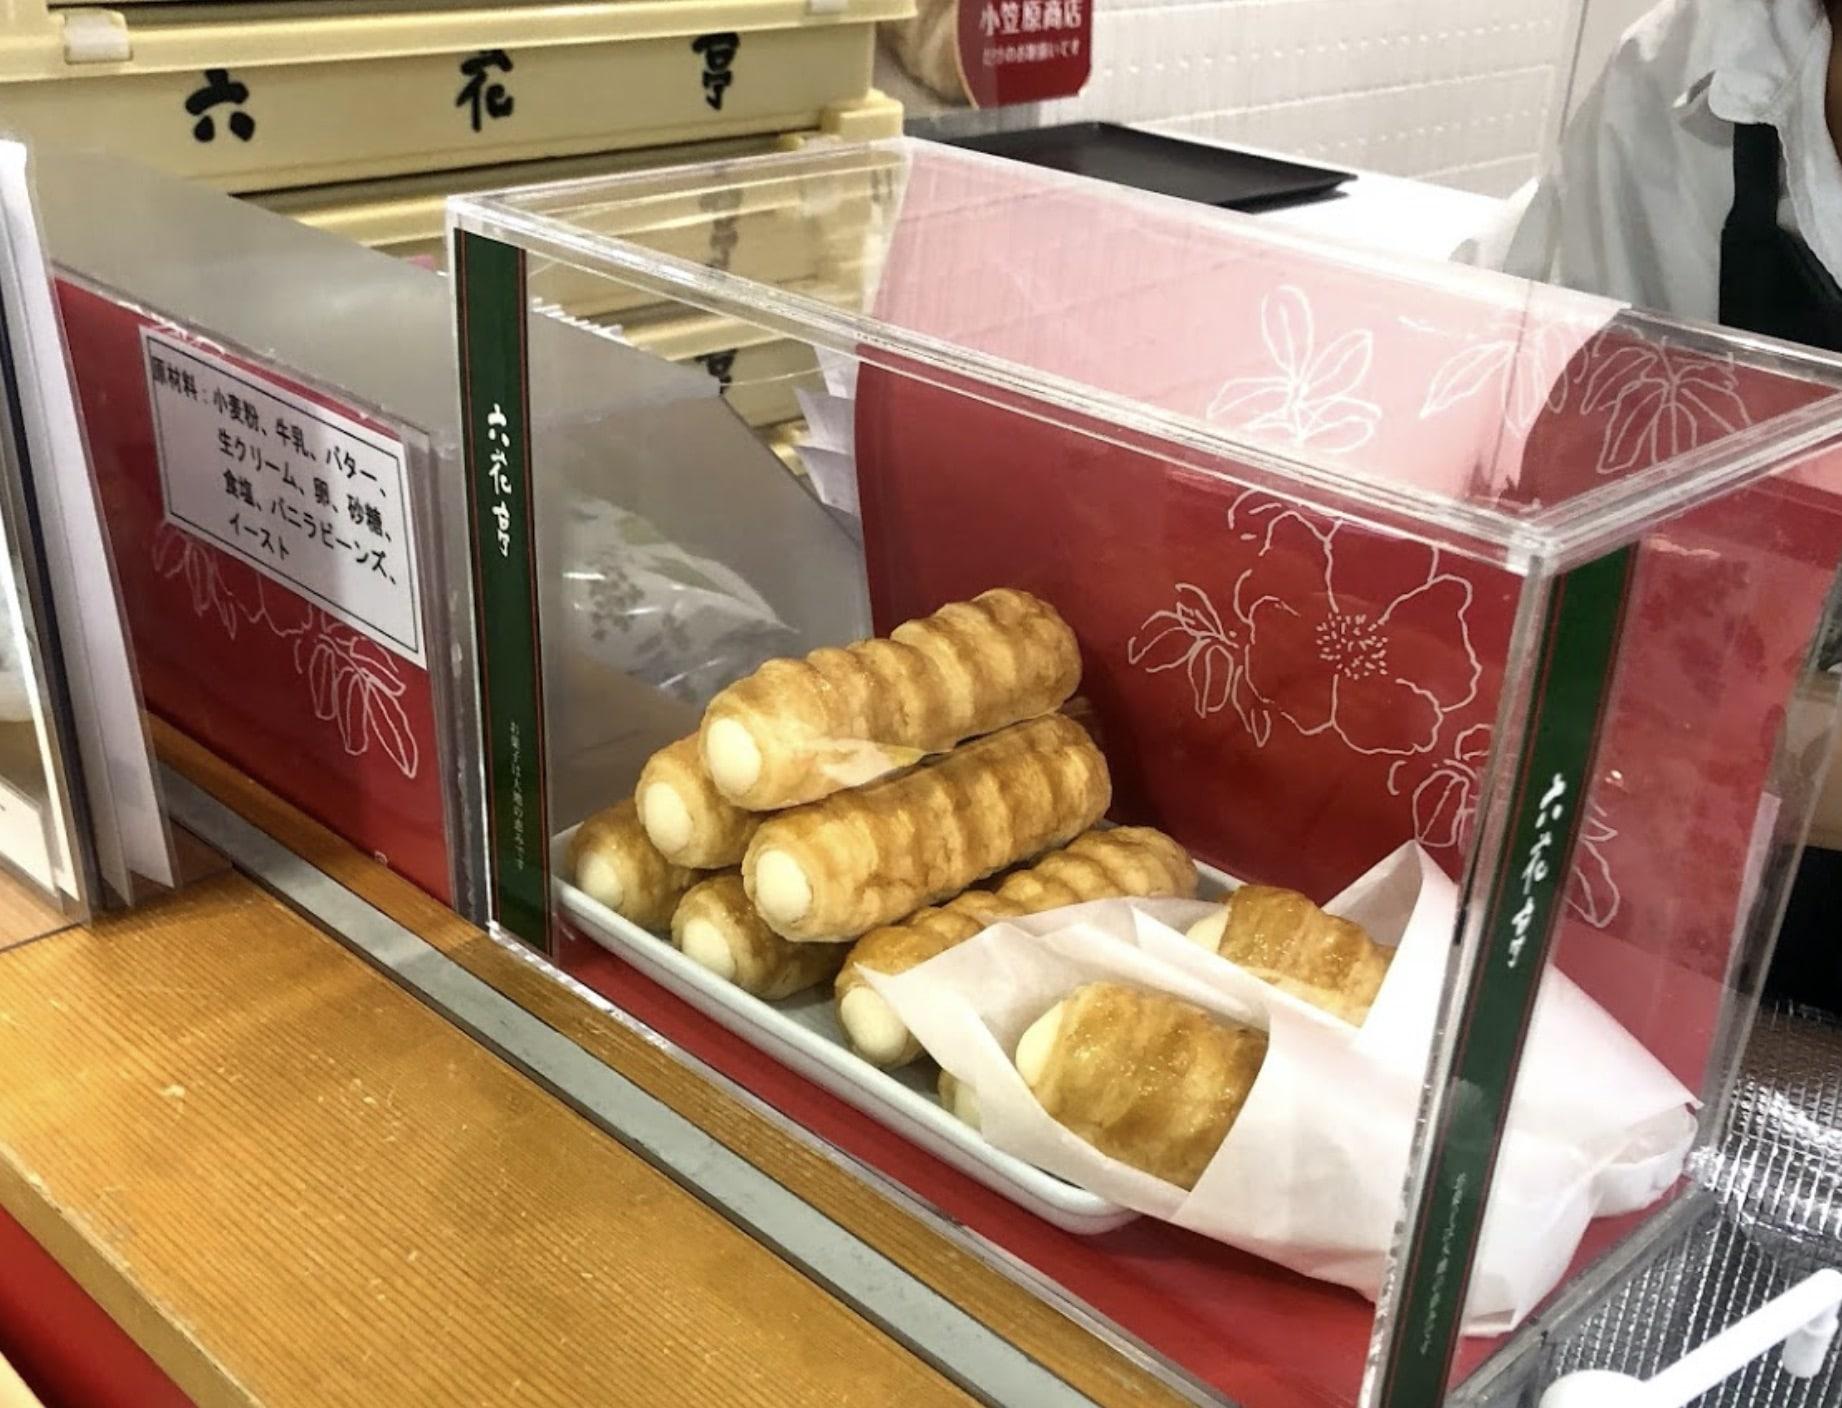 スカショップ小笠原のサクサクパイ